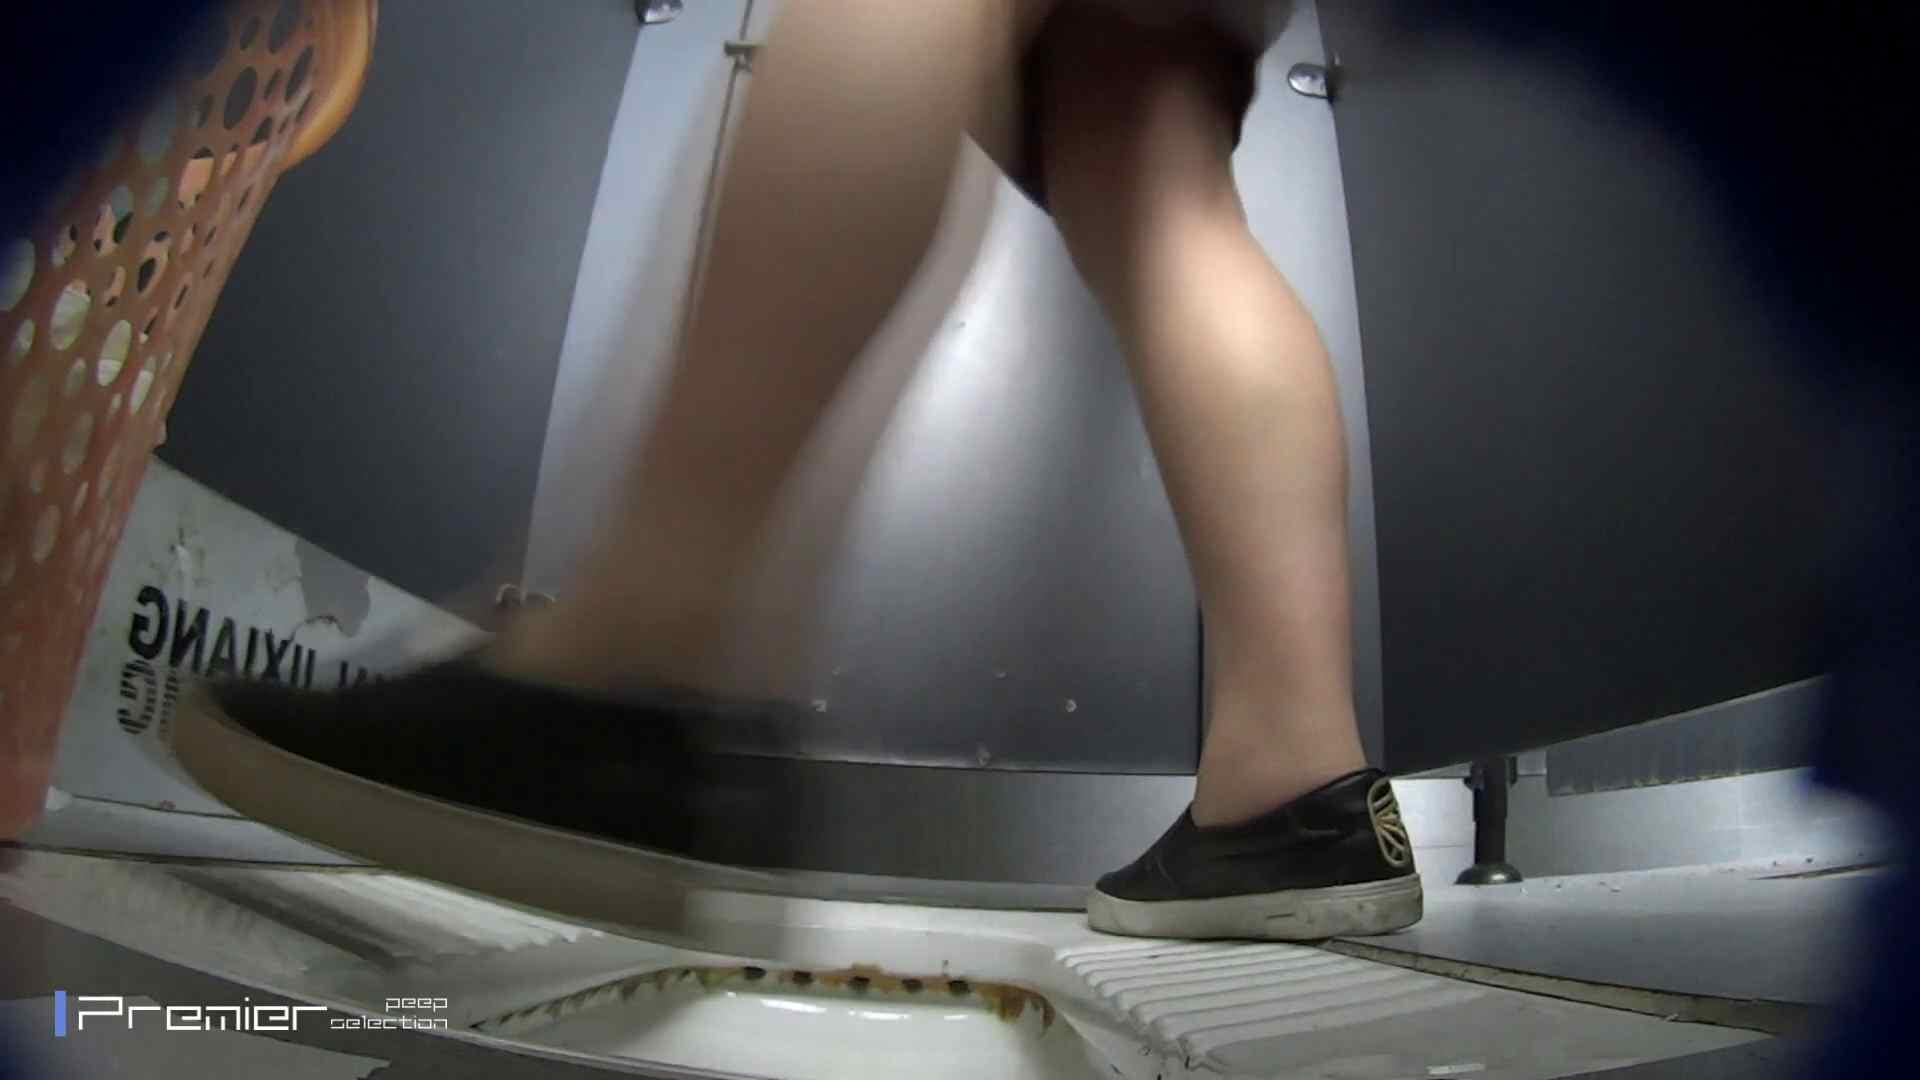 びゅーっと!オシッコ放出 大学休憩時間の洗面所事情47 美女 ワレメ動画紹介 104画像 98